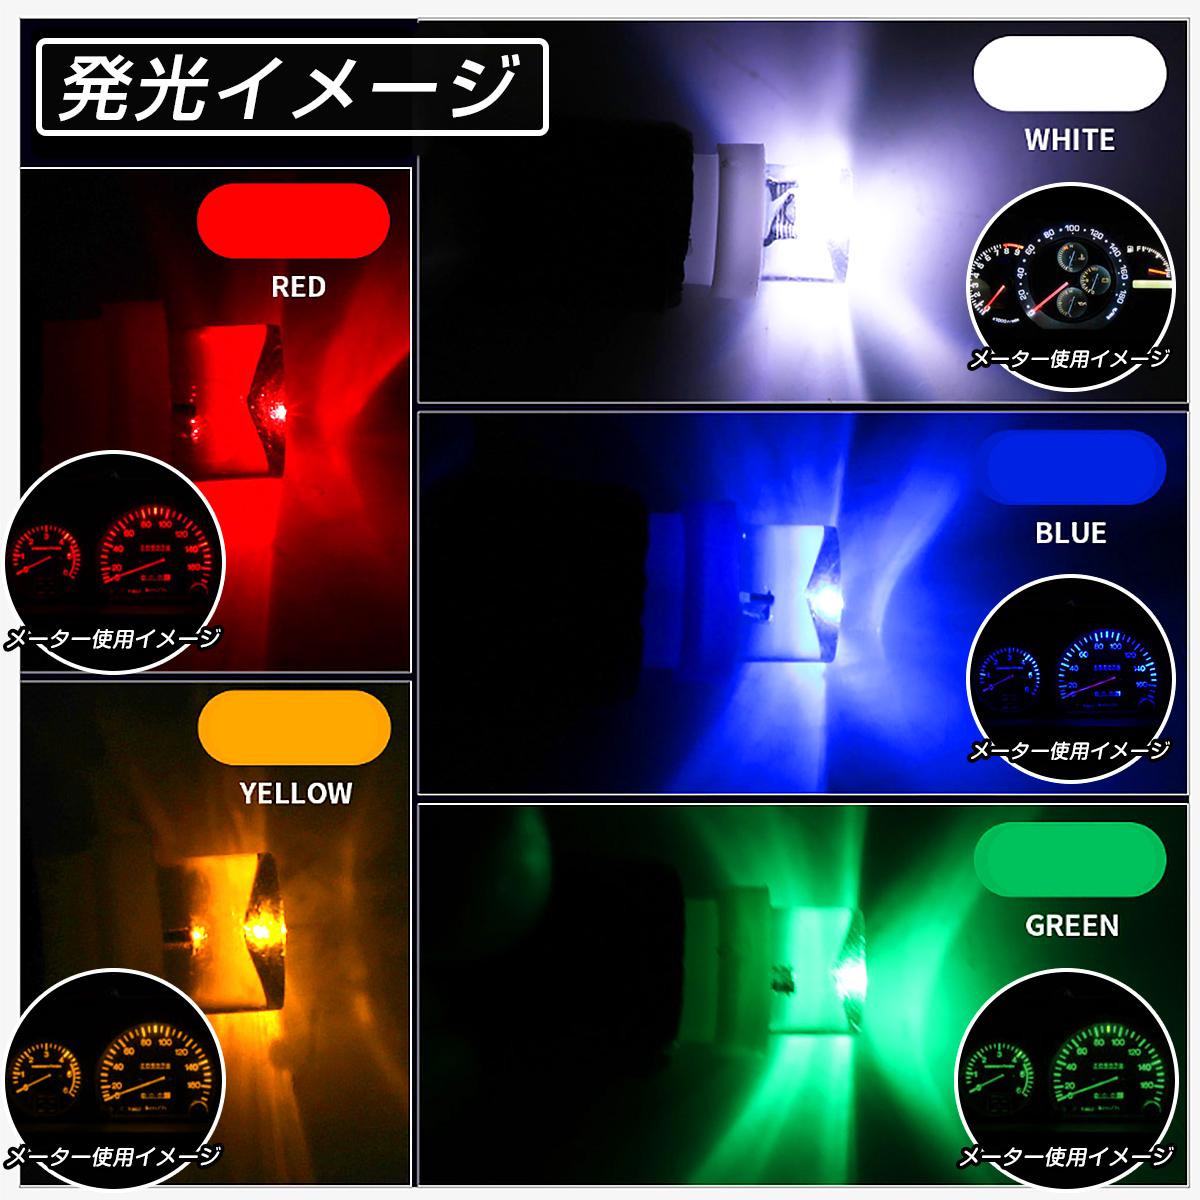 LED T3 T4.2 T4.7 T5 T10 BA9S 選べるカラー5色 メーター球 タコランプ インジケーター エアコンパネル ホワイト・ブルー・レッド・イエロー・グリーン 超拡散 全面発光 2個セット SDM便送料無料 1ヶ月保証